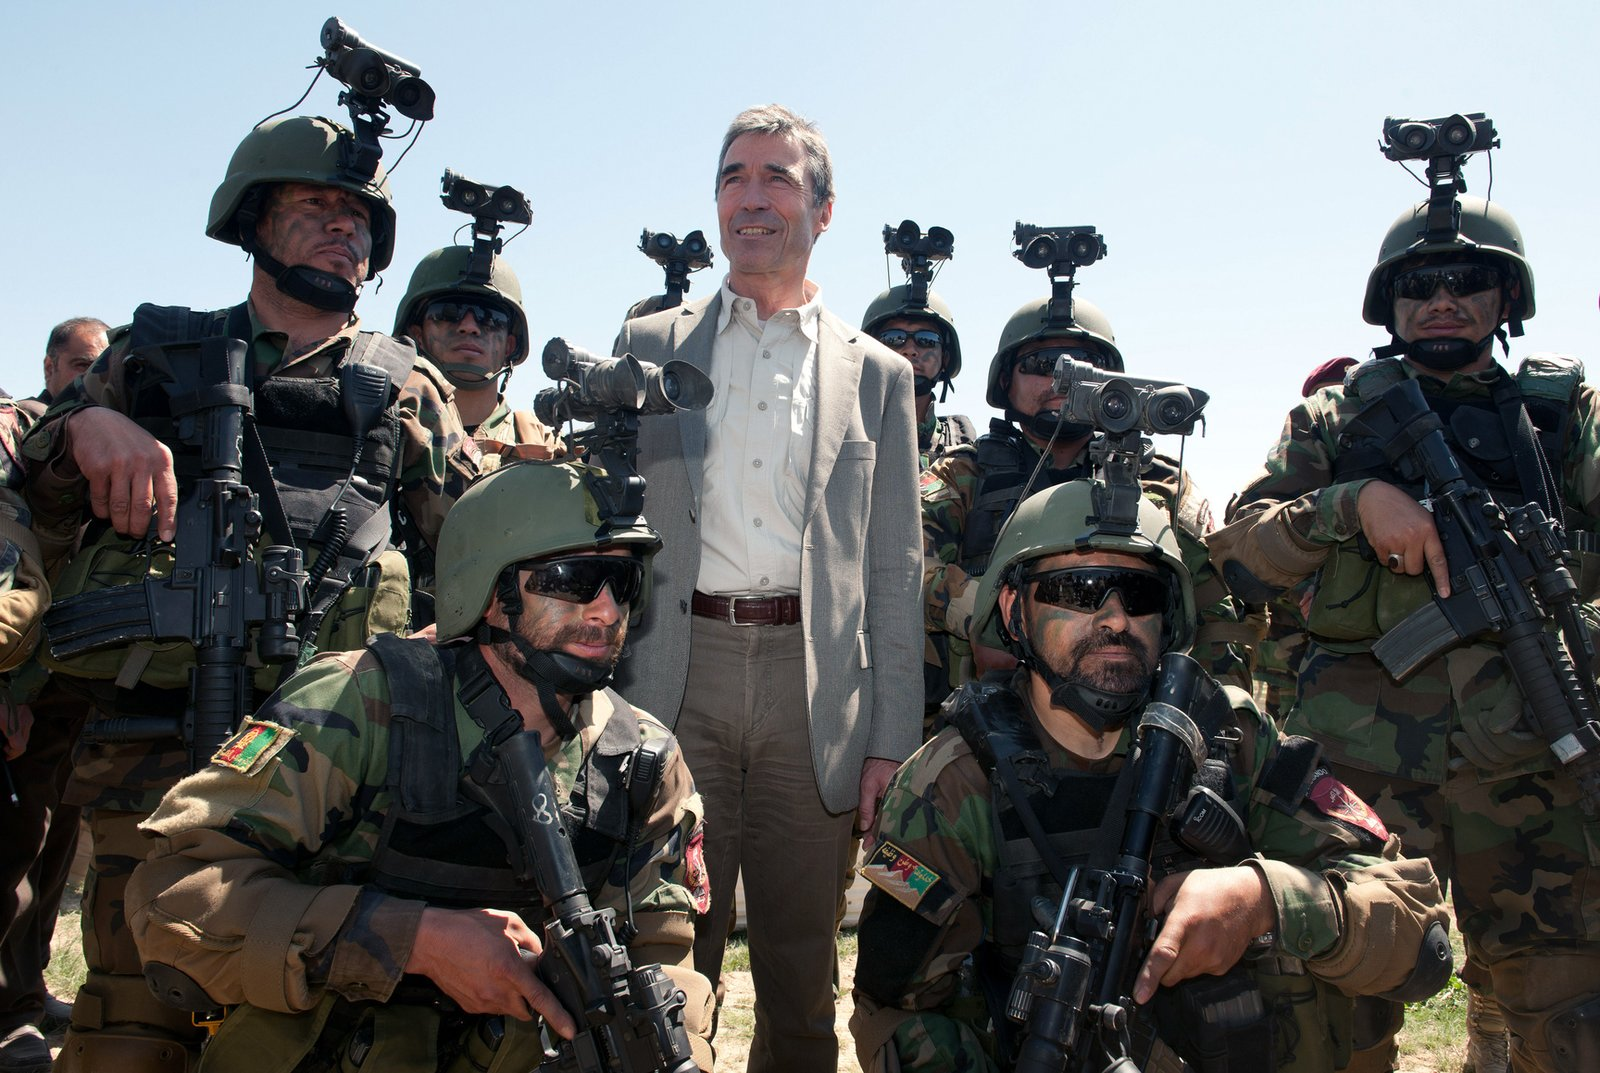 Andres F.Rasmussen, sekretarz genaeralny NATO wlatach 2009-20014, wśród żołnierzy sił specjalnych wAfganistanie w2012 roku